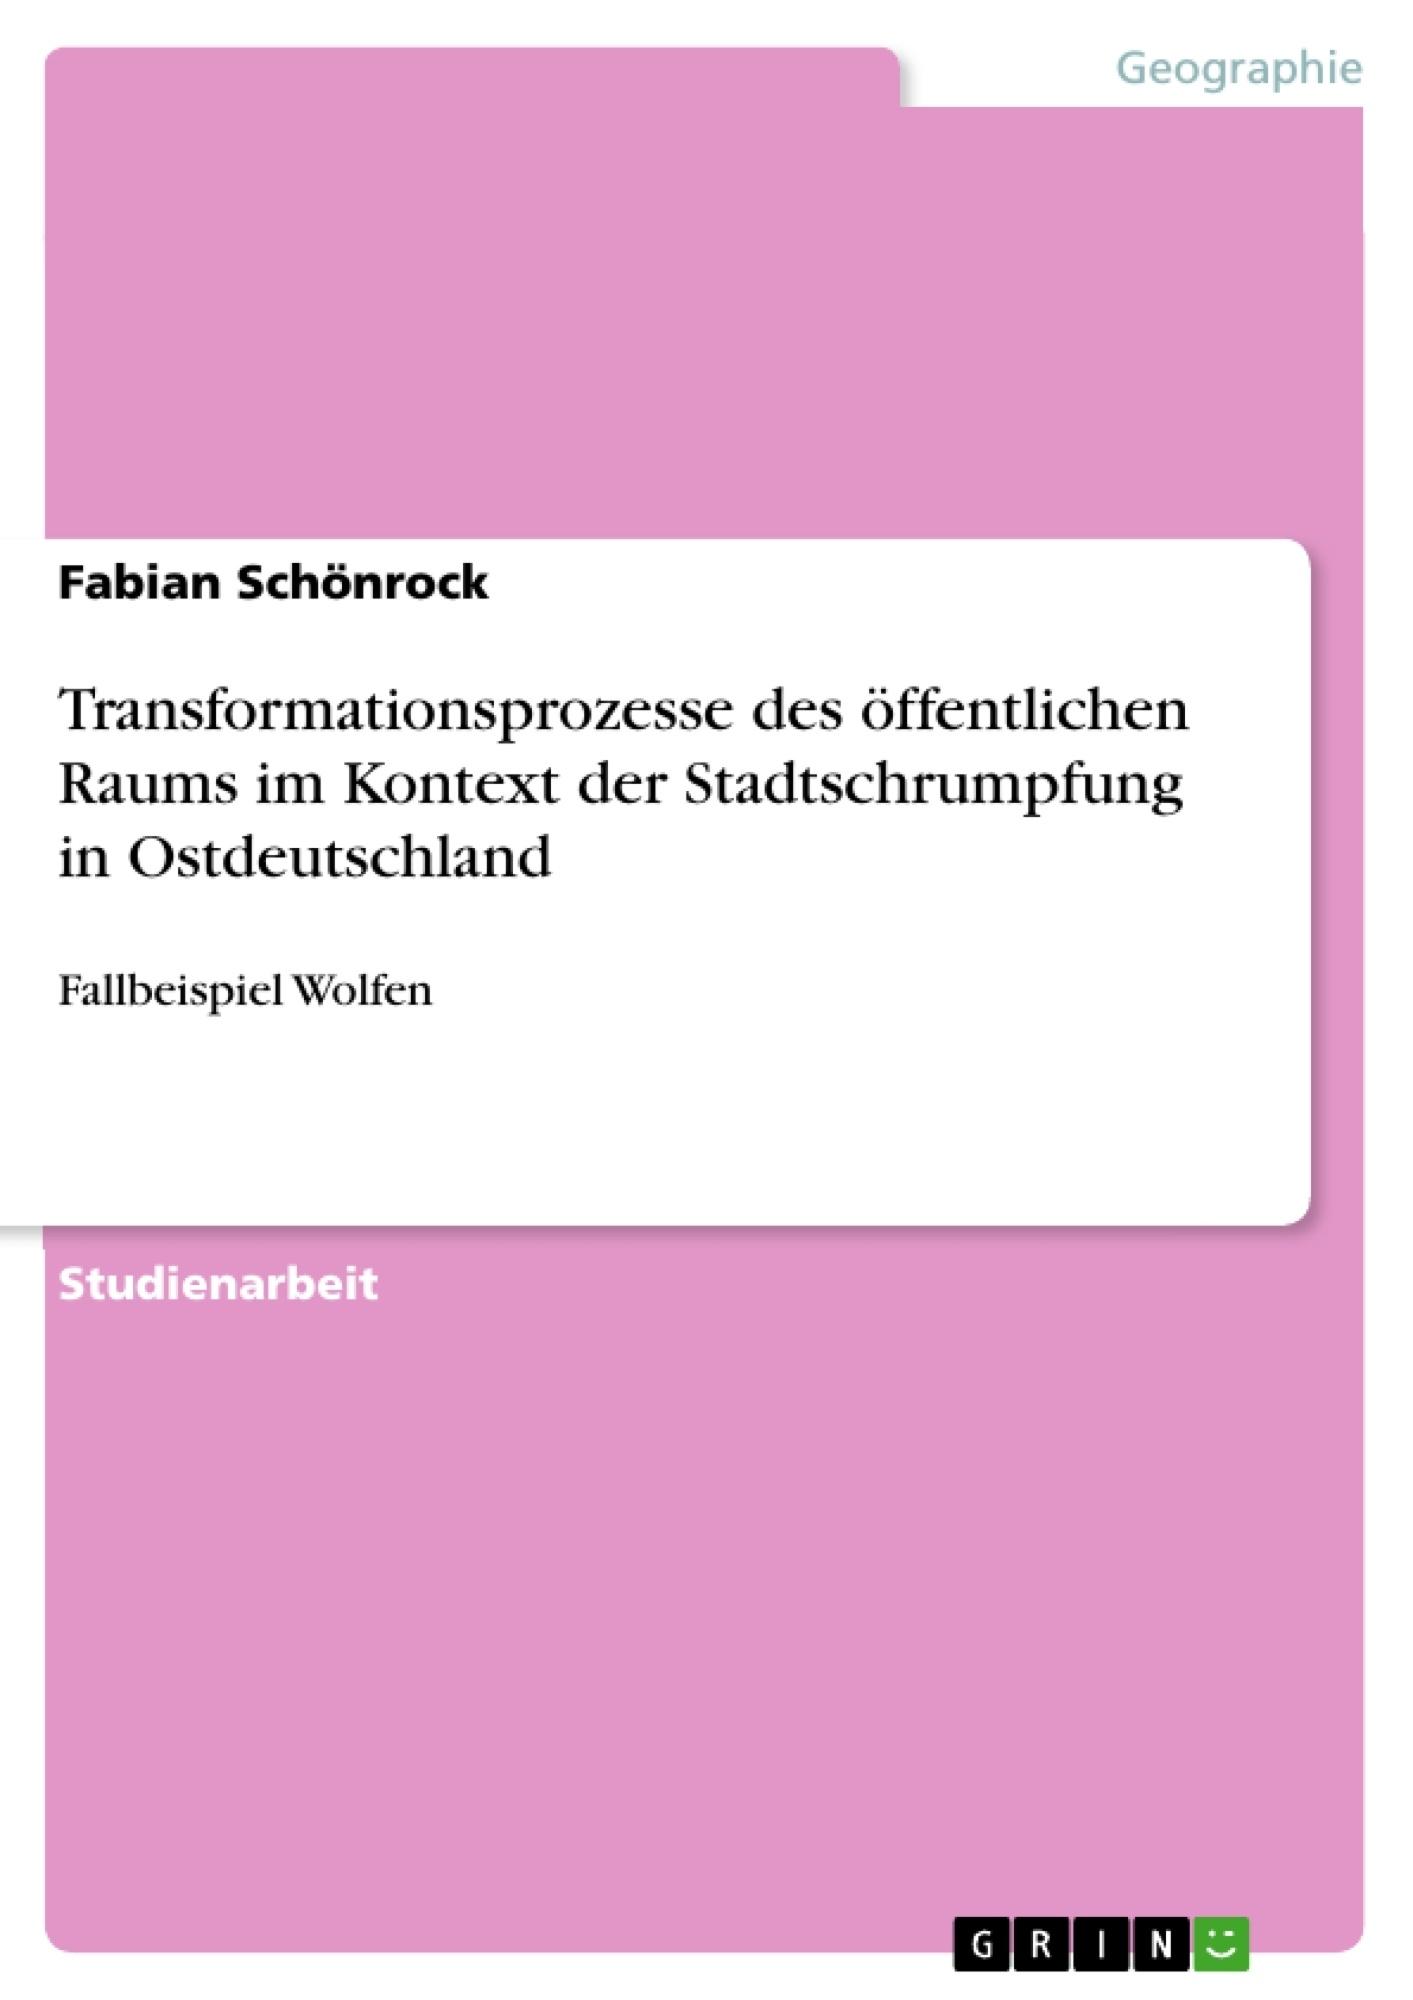 Titel: Transformationsprozesse des öffentlichen Raums im Kontext der Stadtschrumpfung in Ostdeutschland